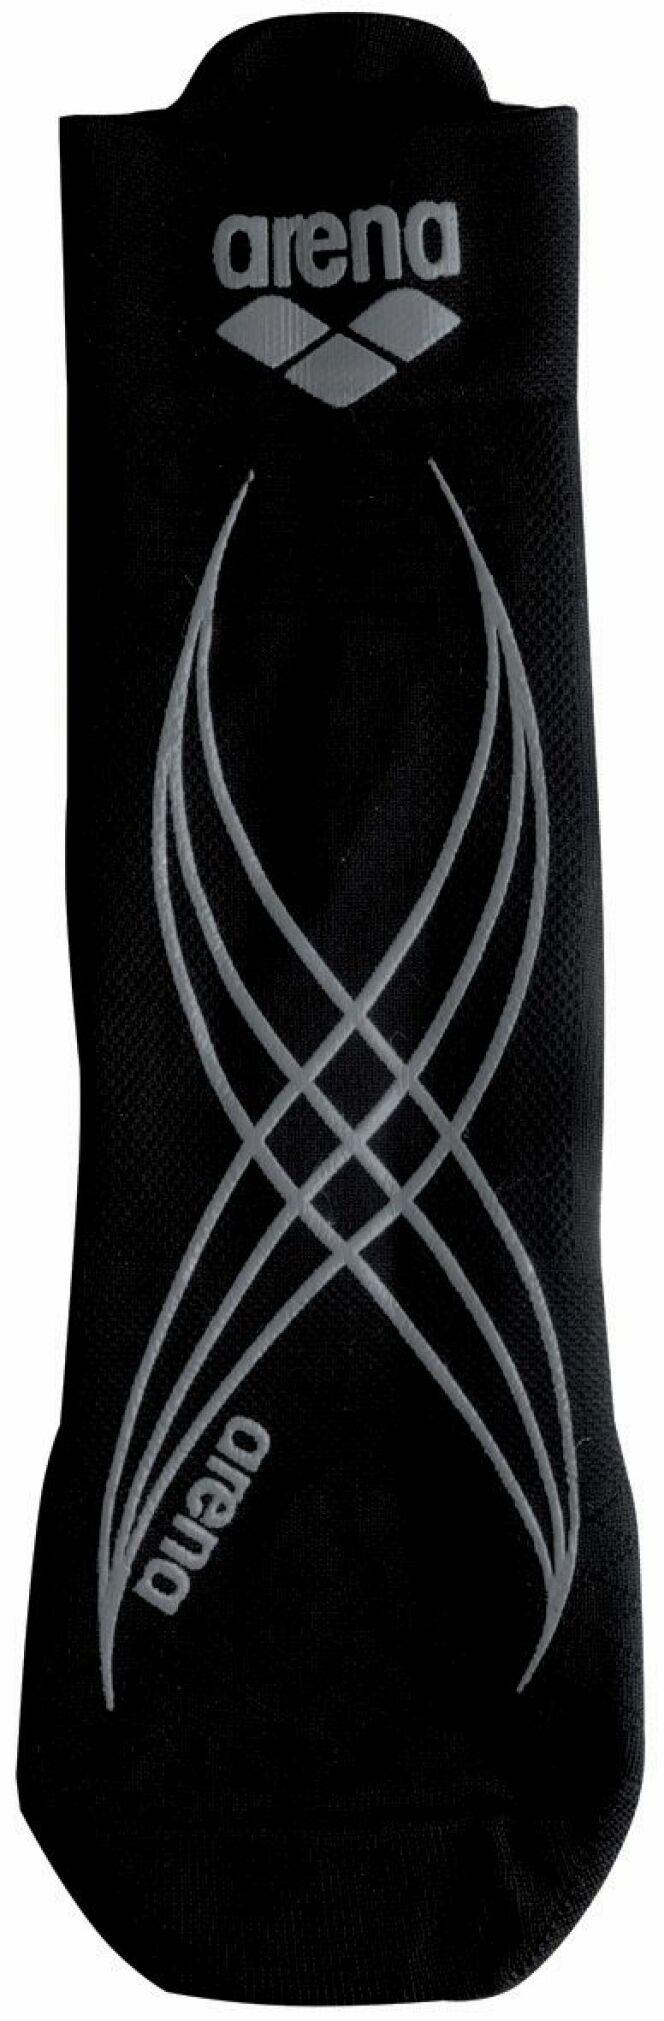 Chaussette d'aquagym anti-dérapante noire et blanche Arena